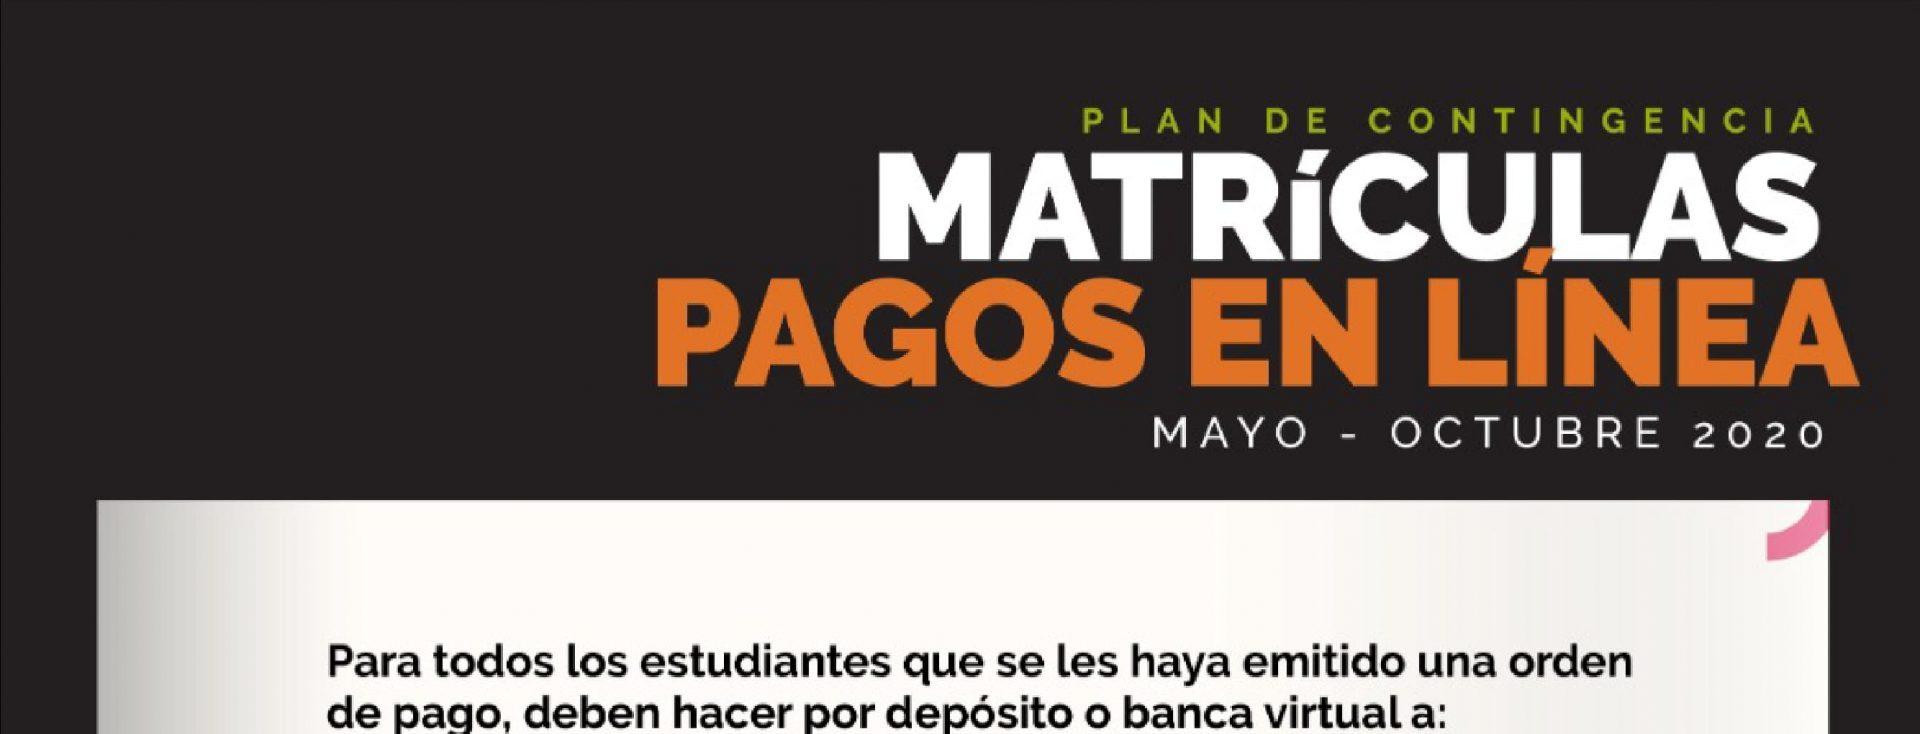 DIRECTRICES PARA EL REGISTRO Y PAGO A TRAVÉS DE LA CUENTA BANCARIA INSTITUCIONAL